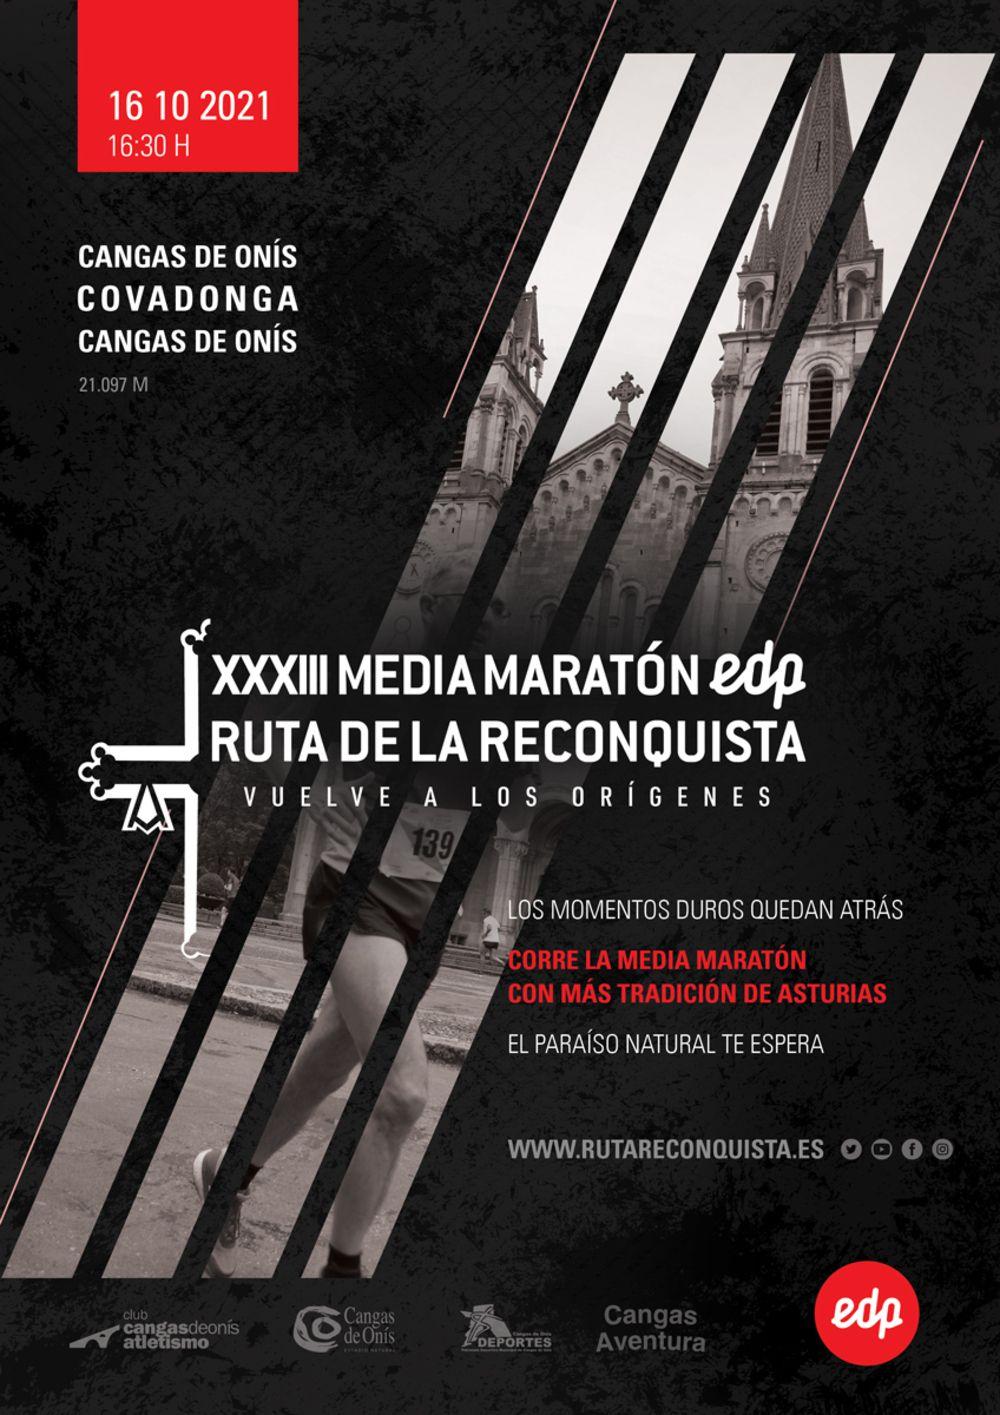 33ª Media Maratón EDP Ruta de la Reconquista